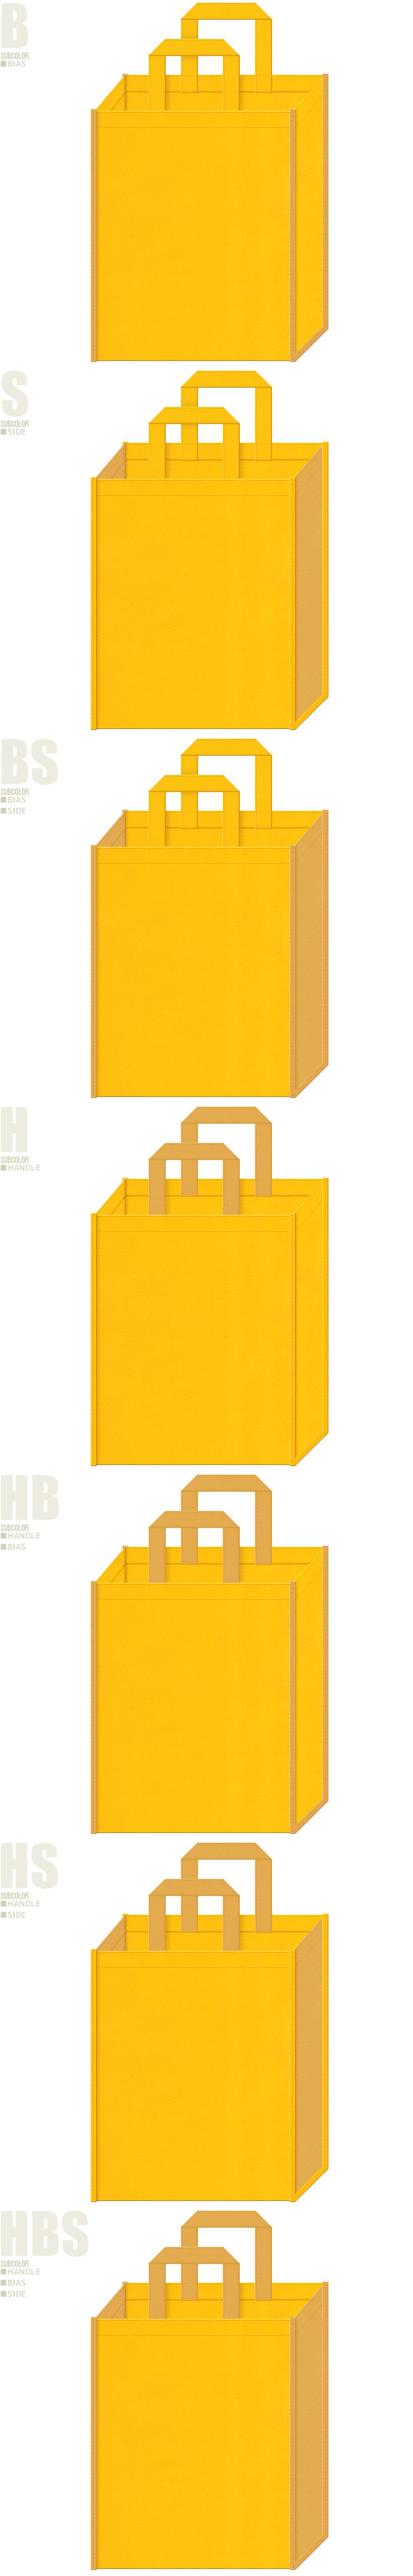 黄色と黄土色、7パターンの不織布トートバッグ配色デザイン例。